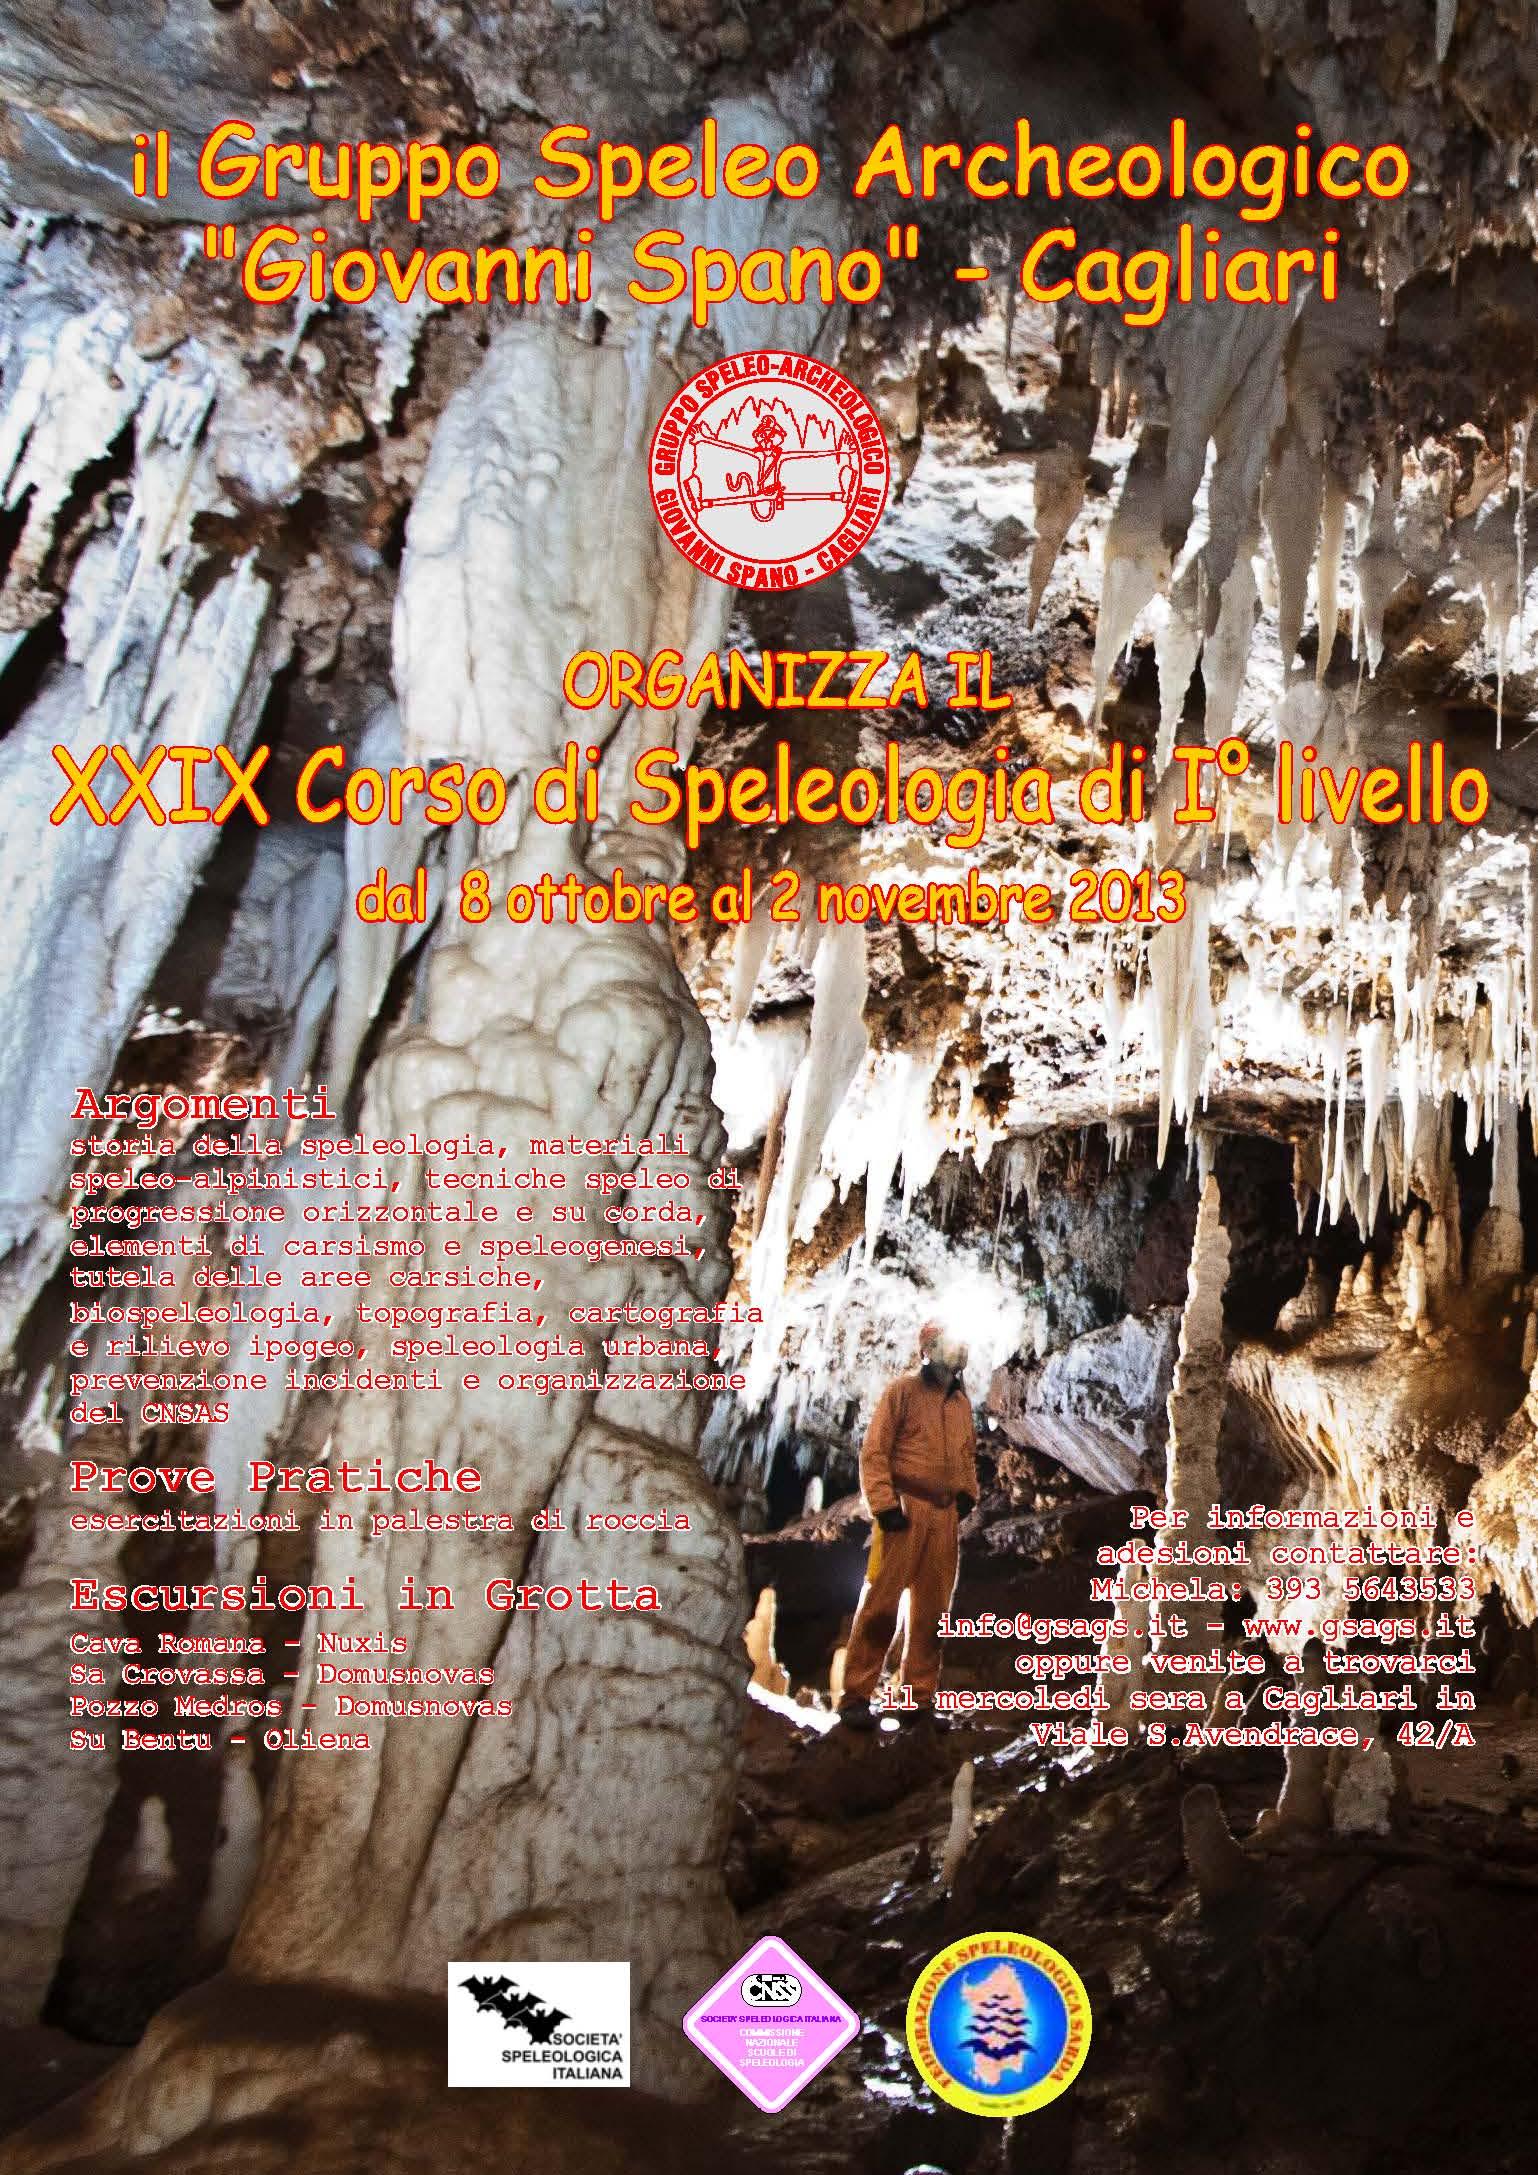 XXIX Corso di Speleologia di I Livello 2013